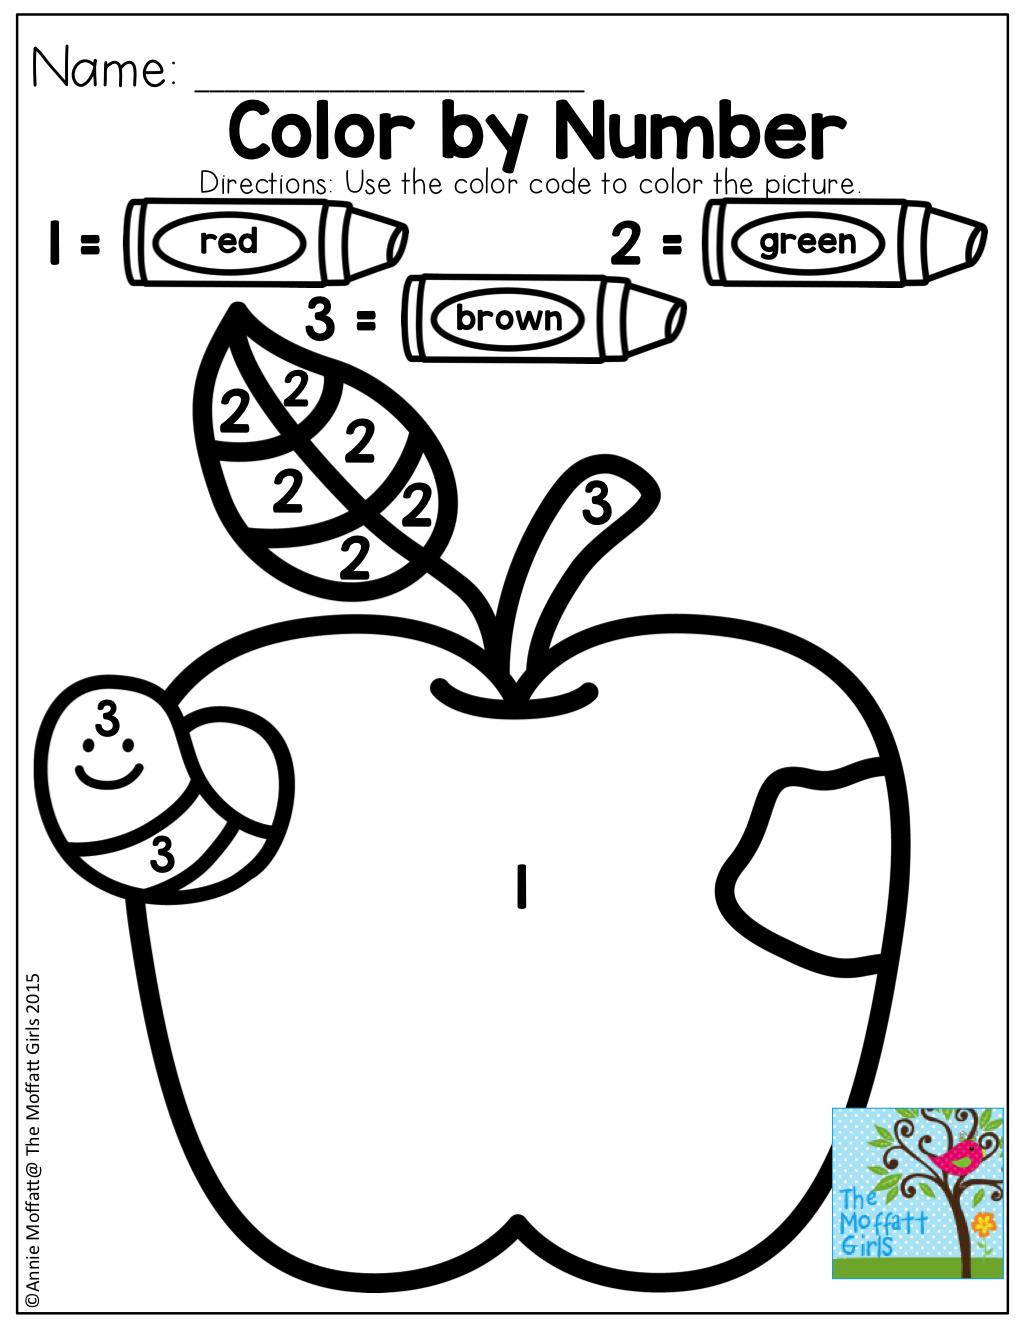 9f175c3f5f99f7dfd9115d75d2d777a9 - Color By Number Worksheets For Kindergarten